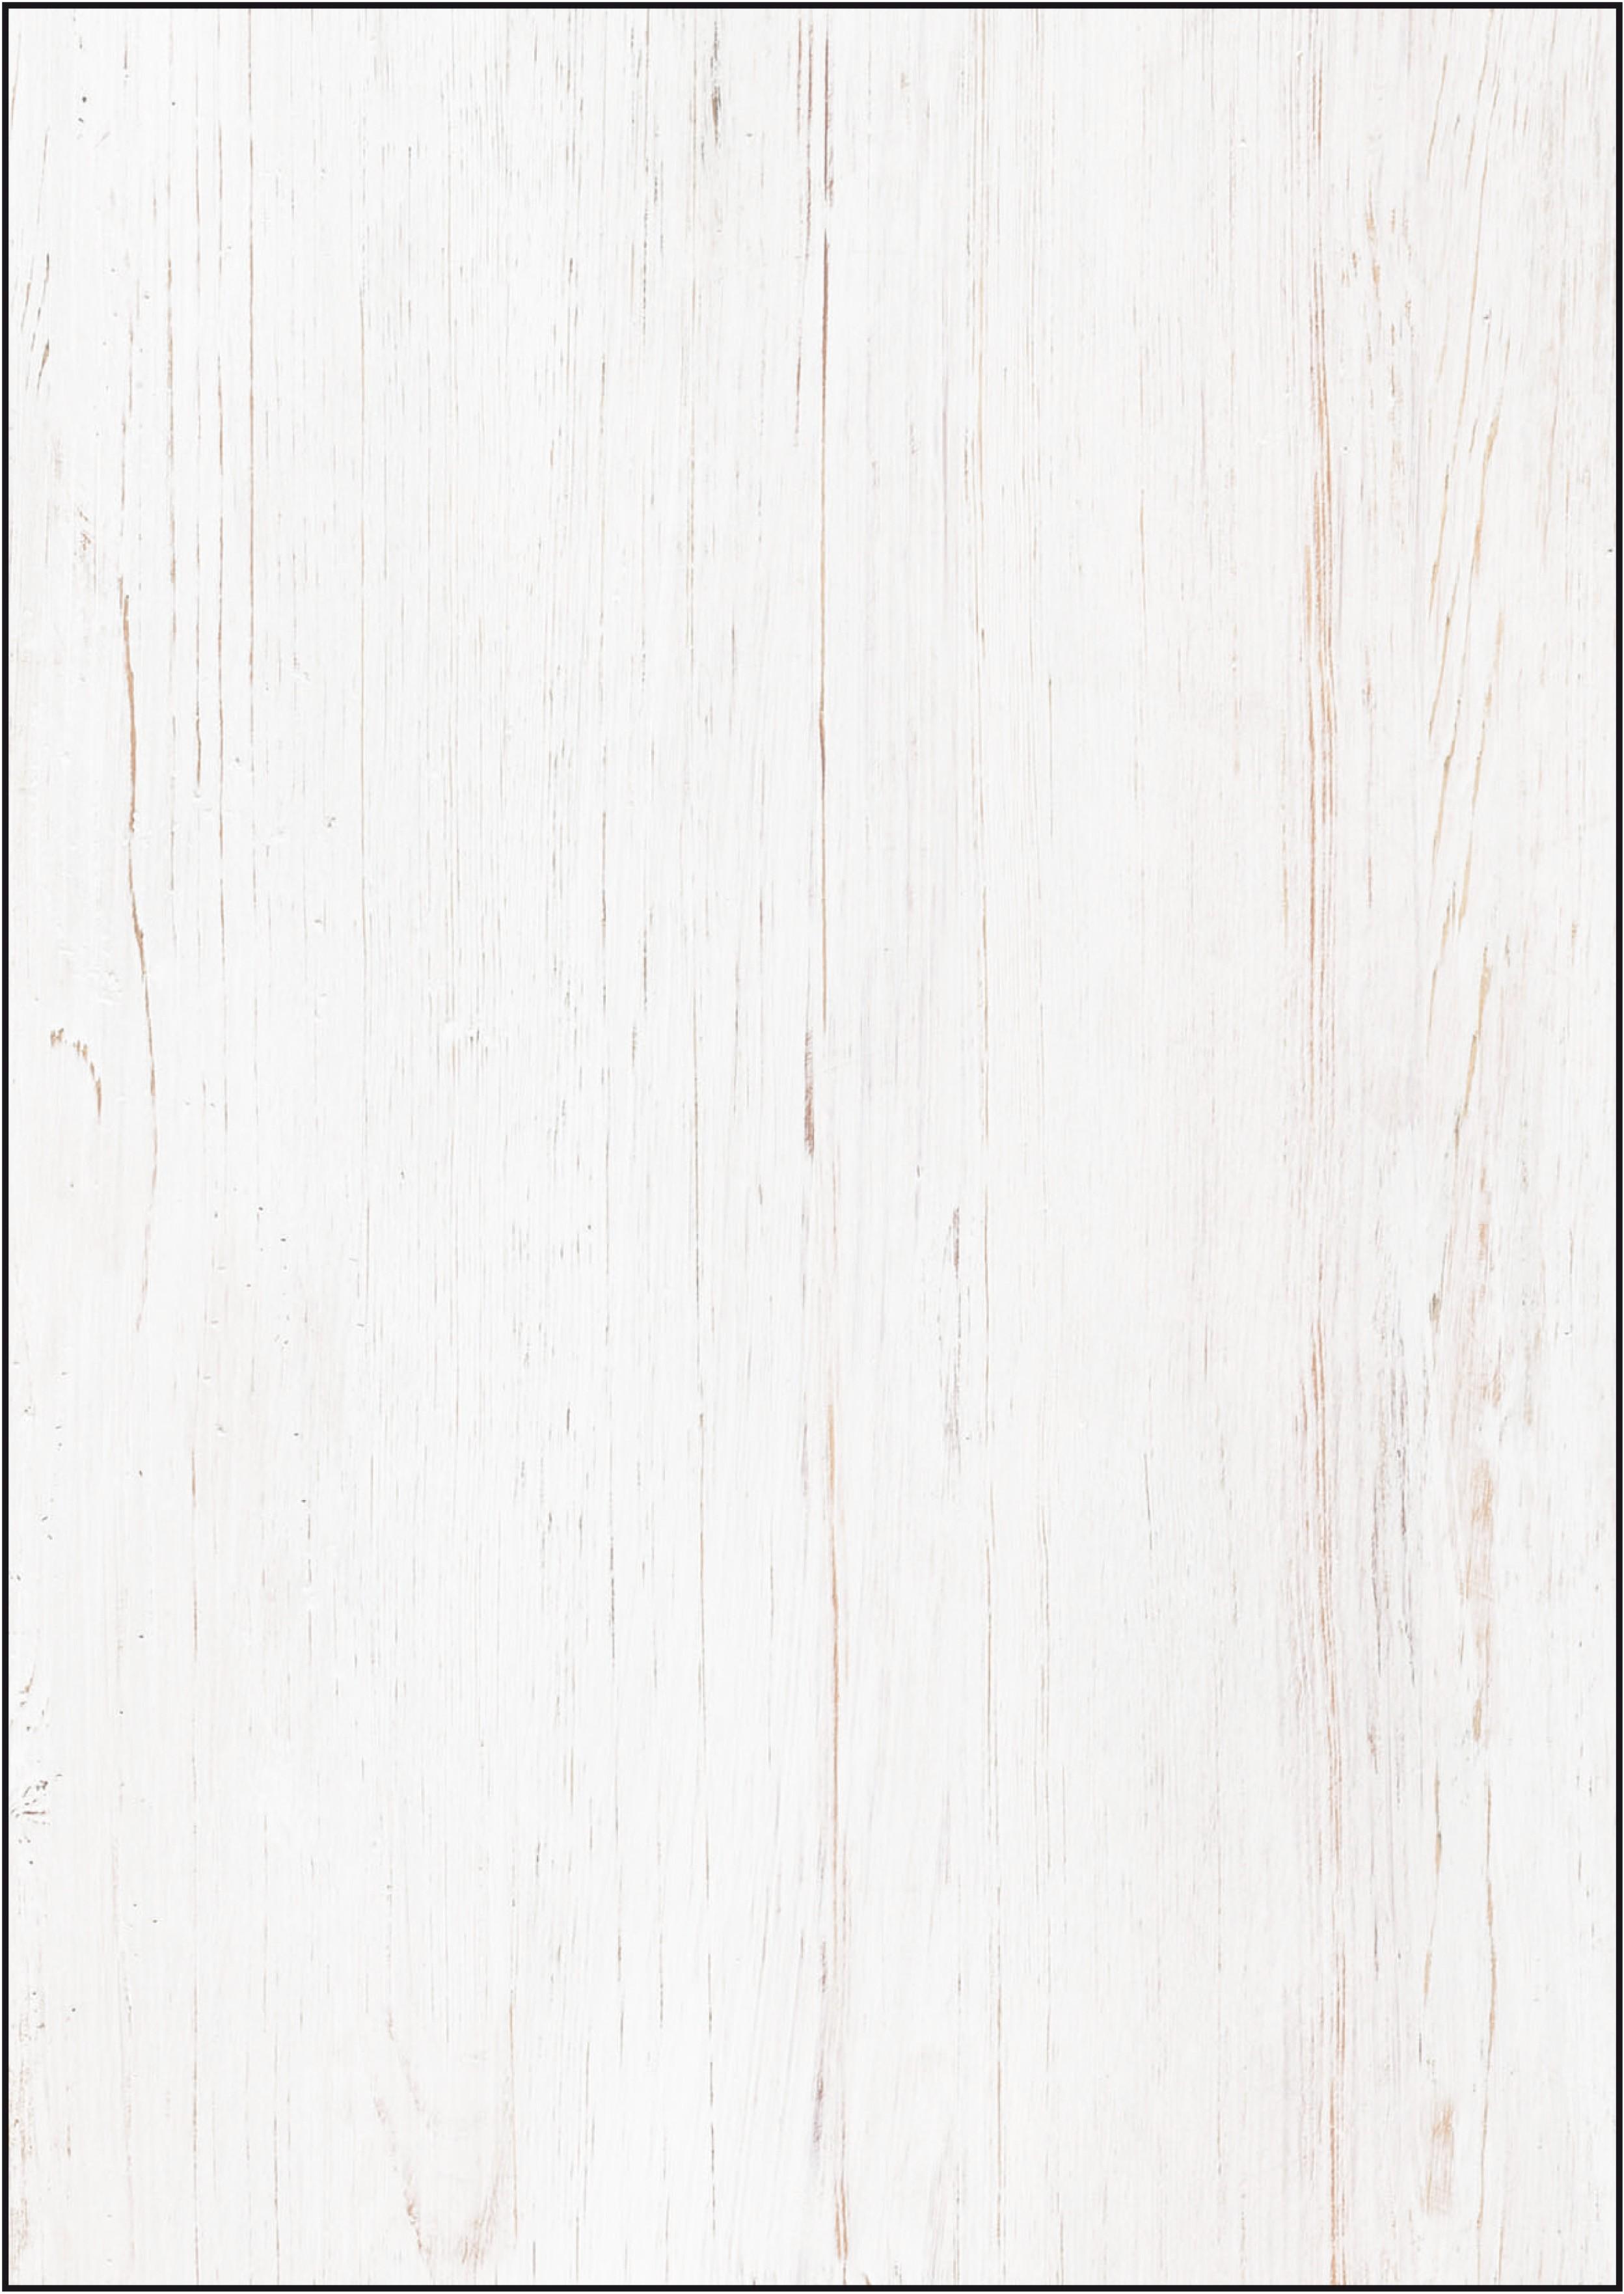 Papier créatif effet bois